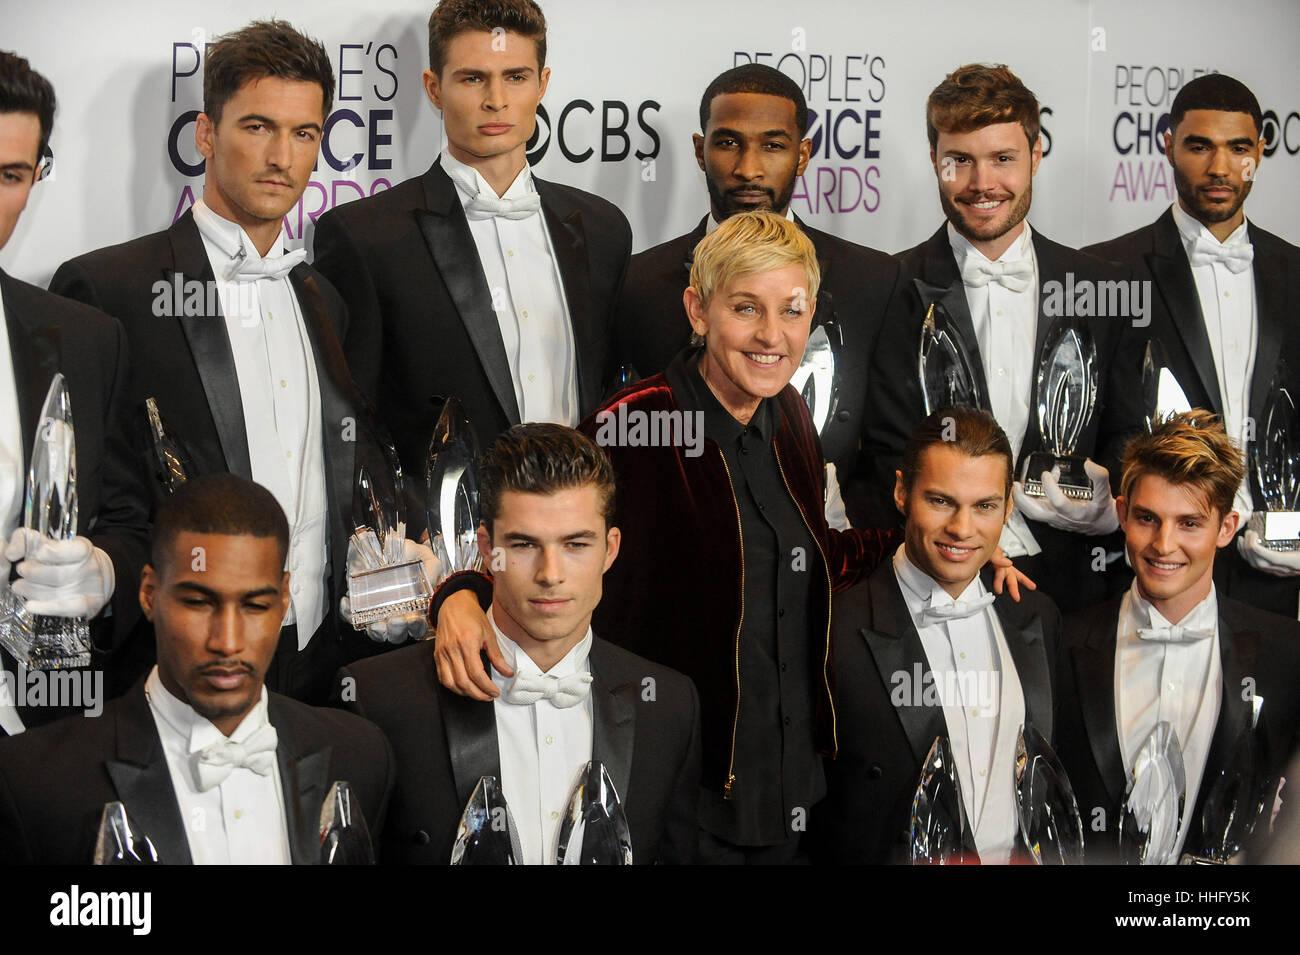 Los Angeles, Estados Unidos. 18 ene, 2017. Ellen DeGeneres (C), ganador del día favorito presentador de televisión, Imagen De Stock